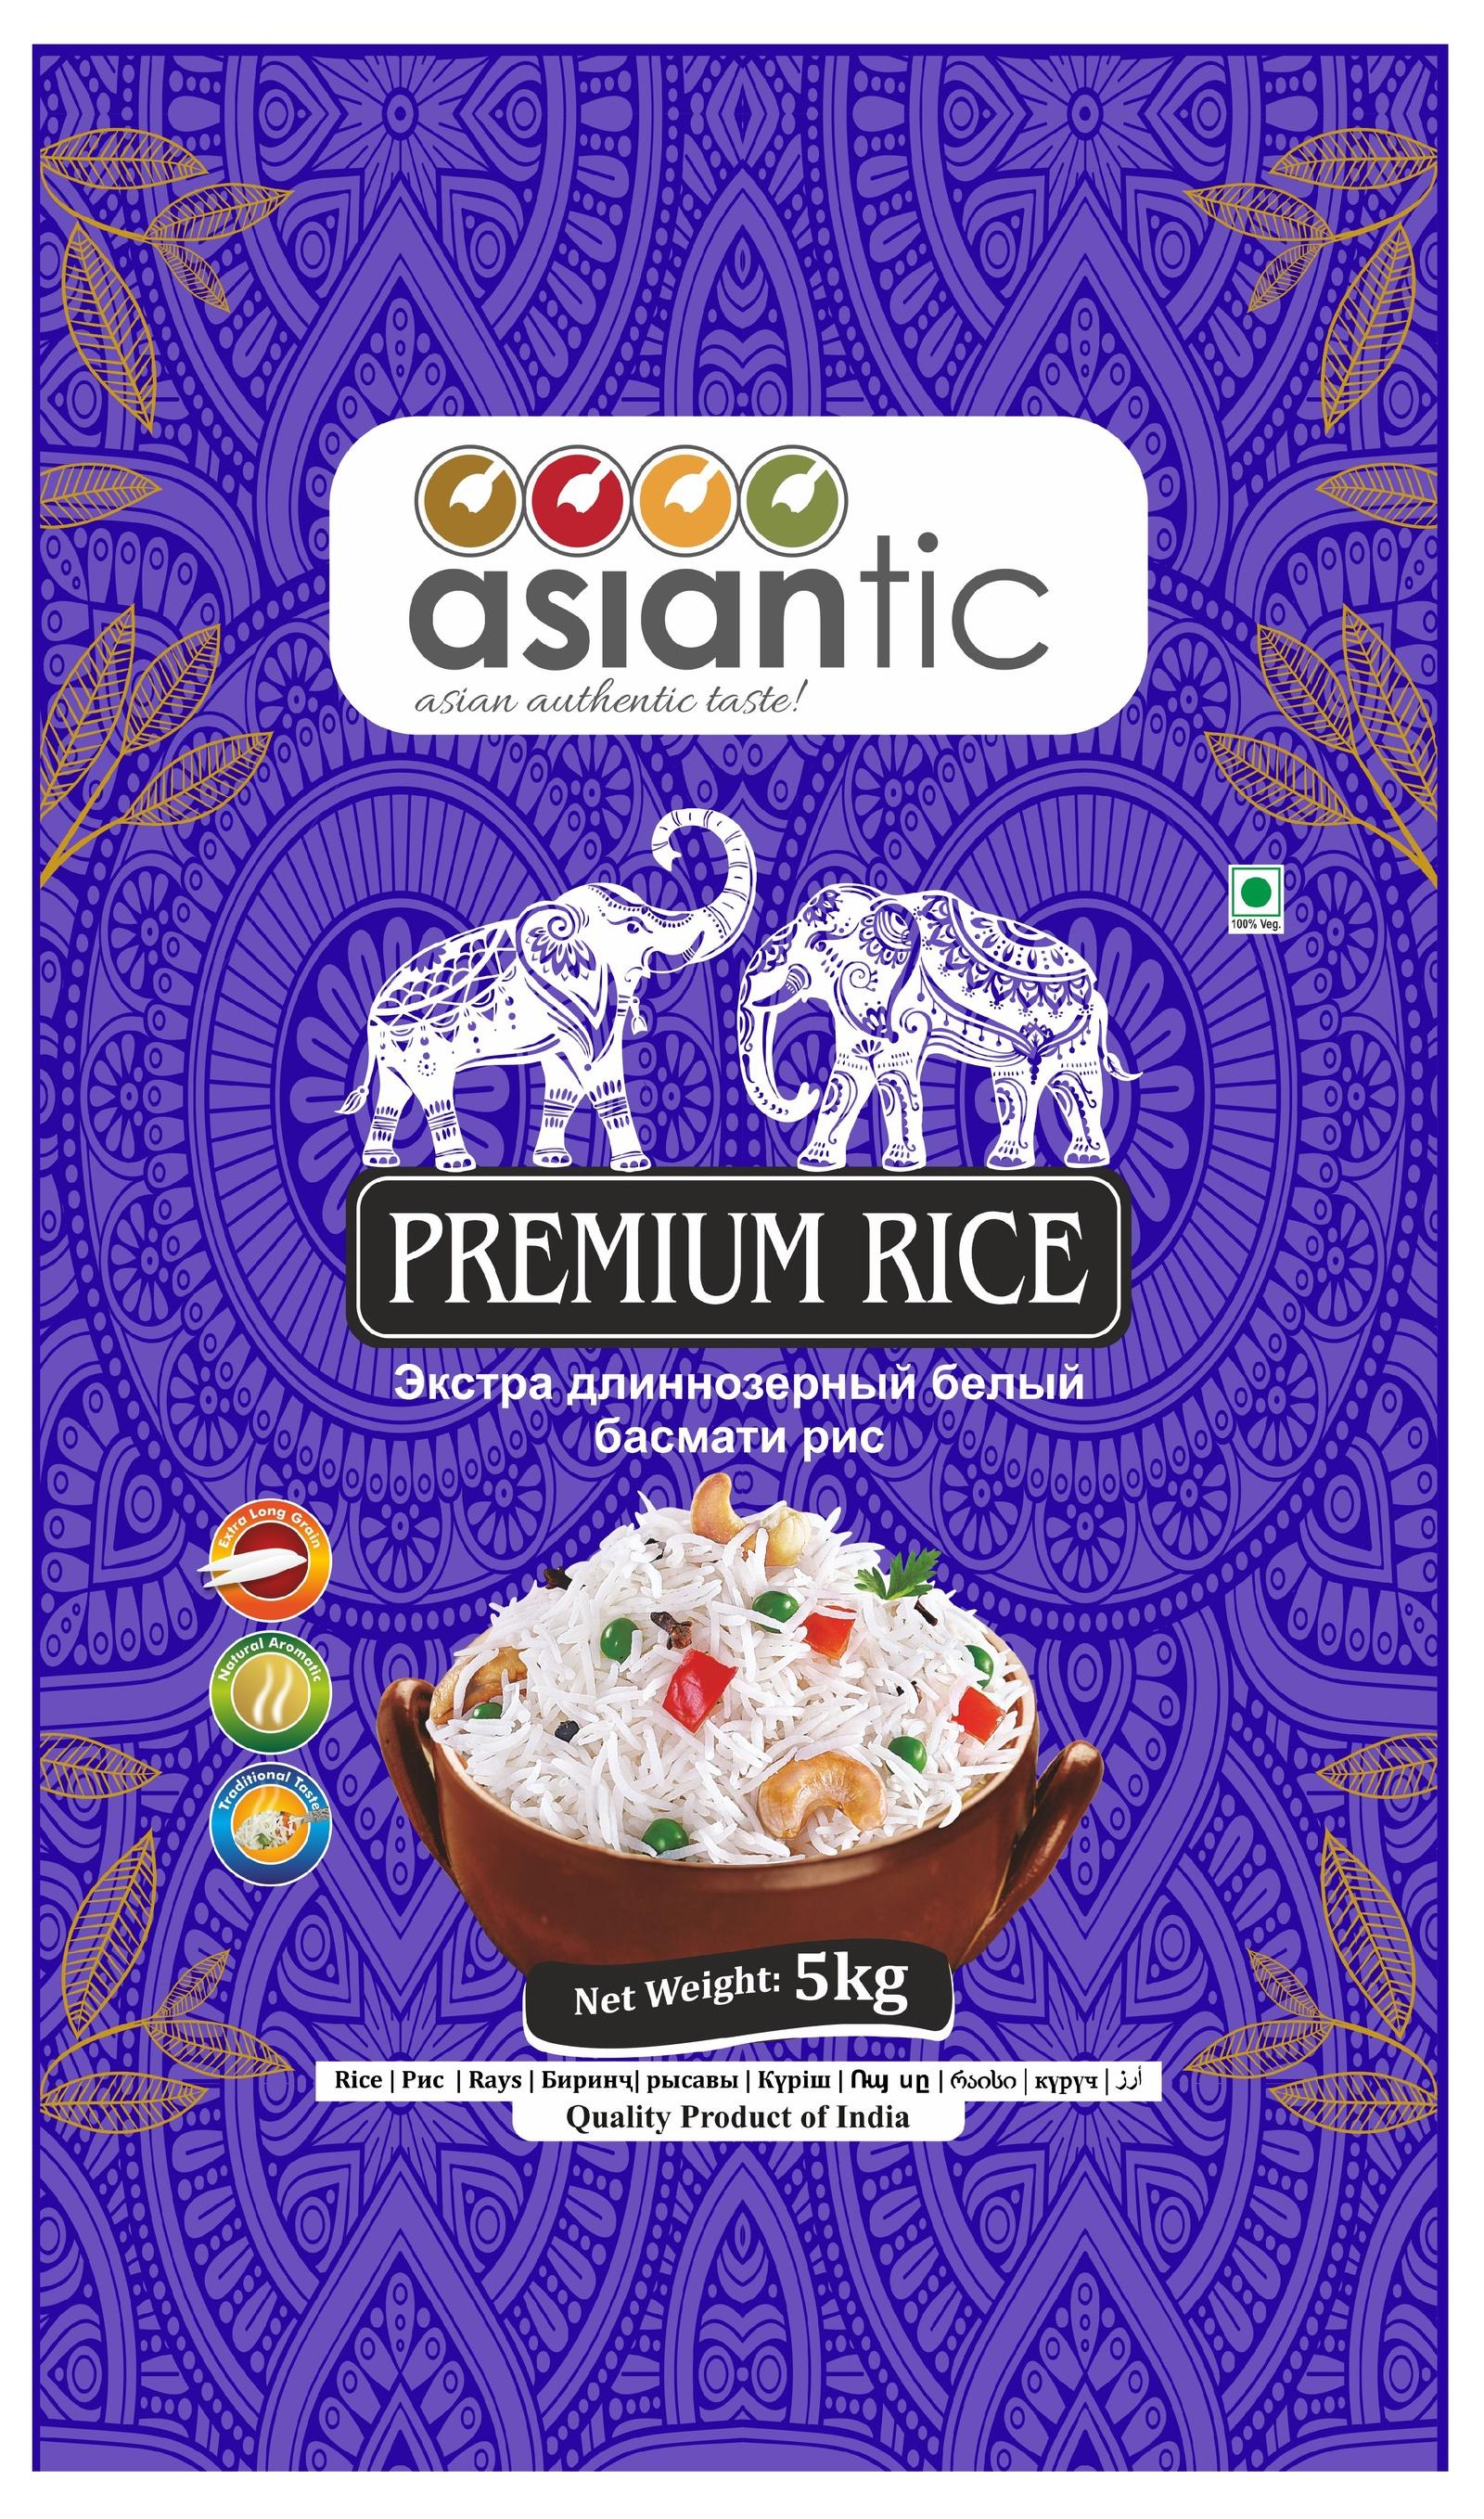 Asiantic - экстра длиннозерный белый басмати рис, 5 кг